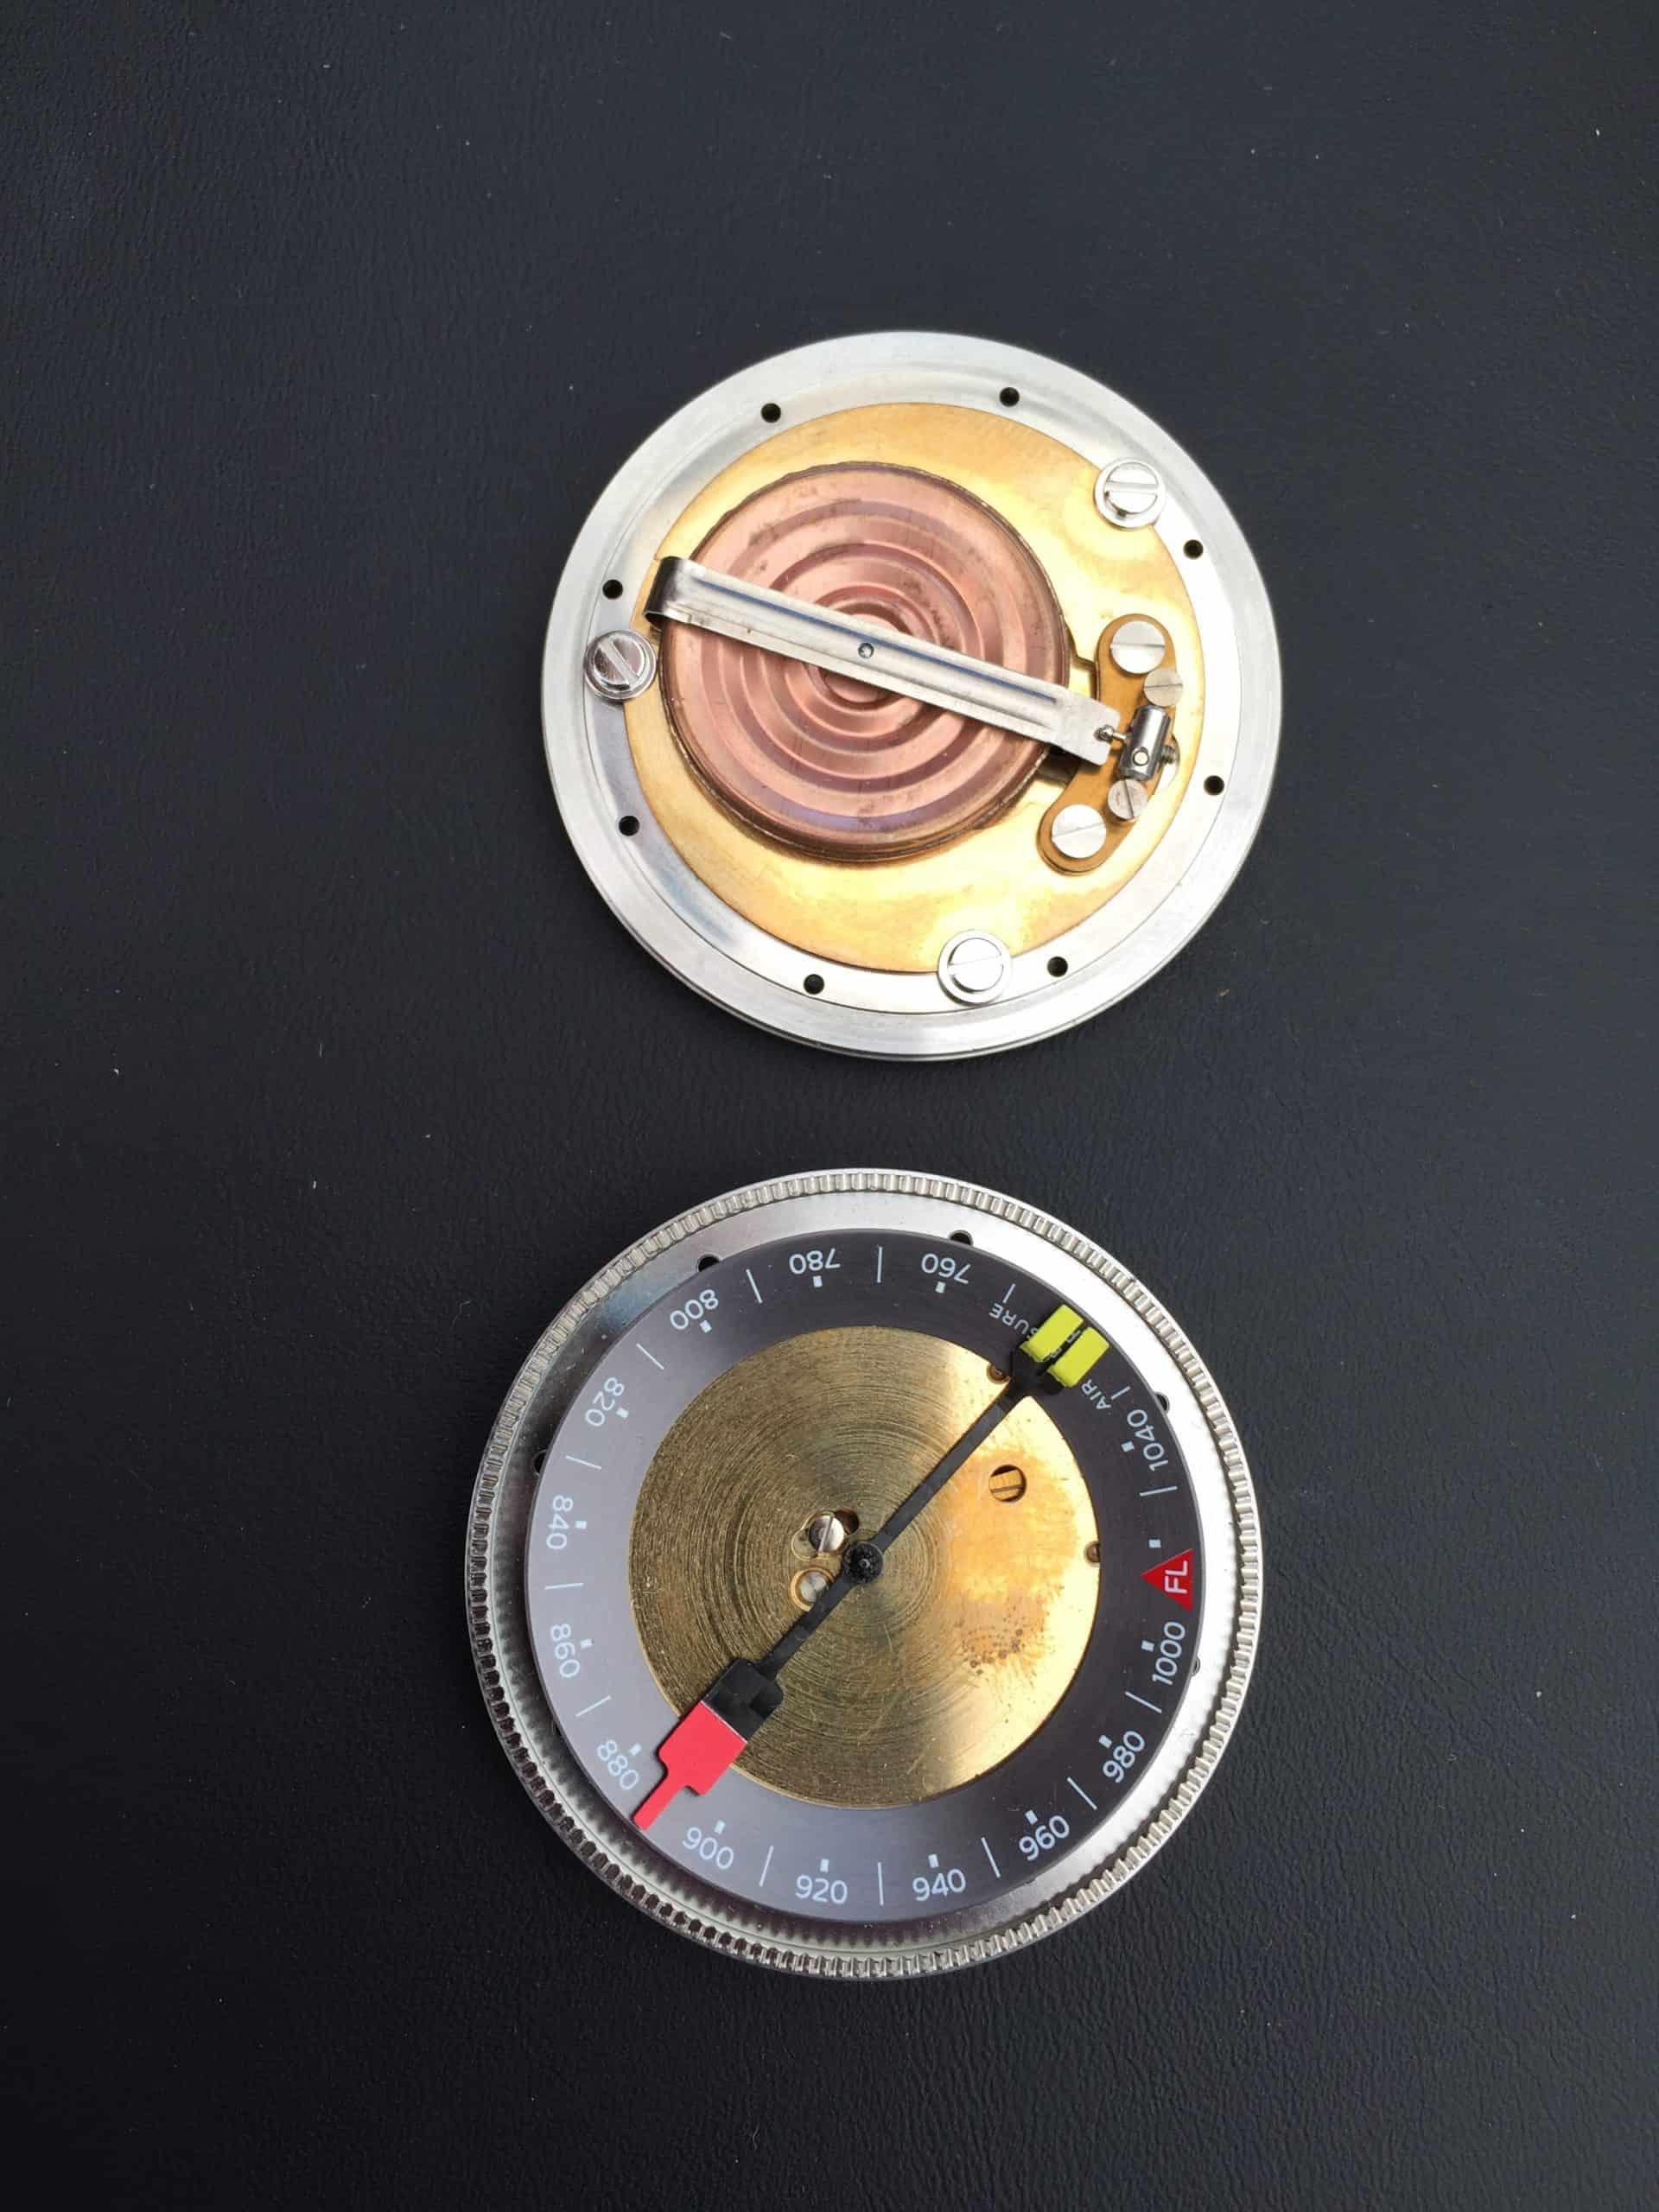 Das Oris Höhenmessermodul in der ProPilot Altimeter